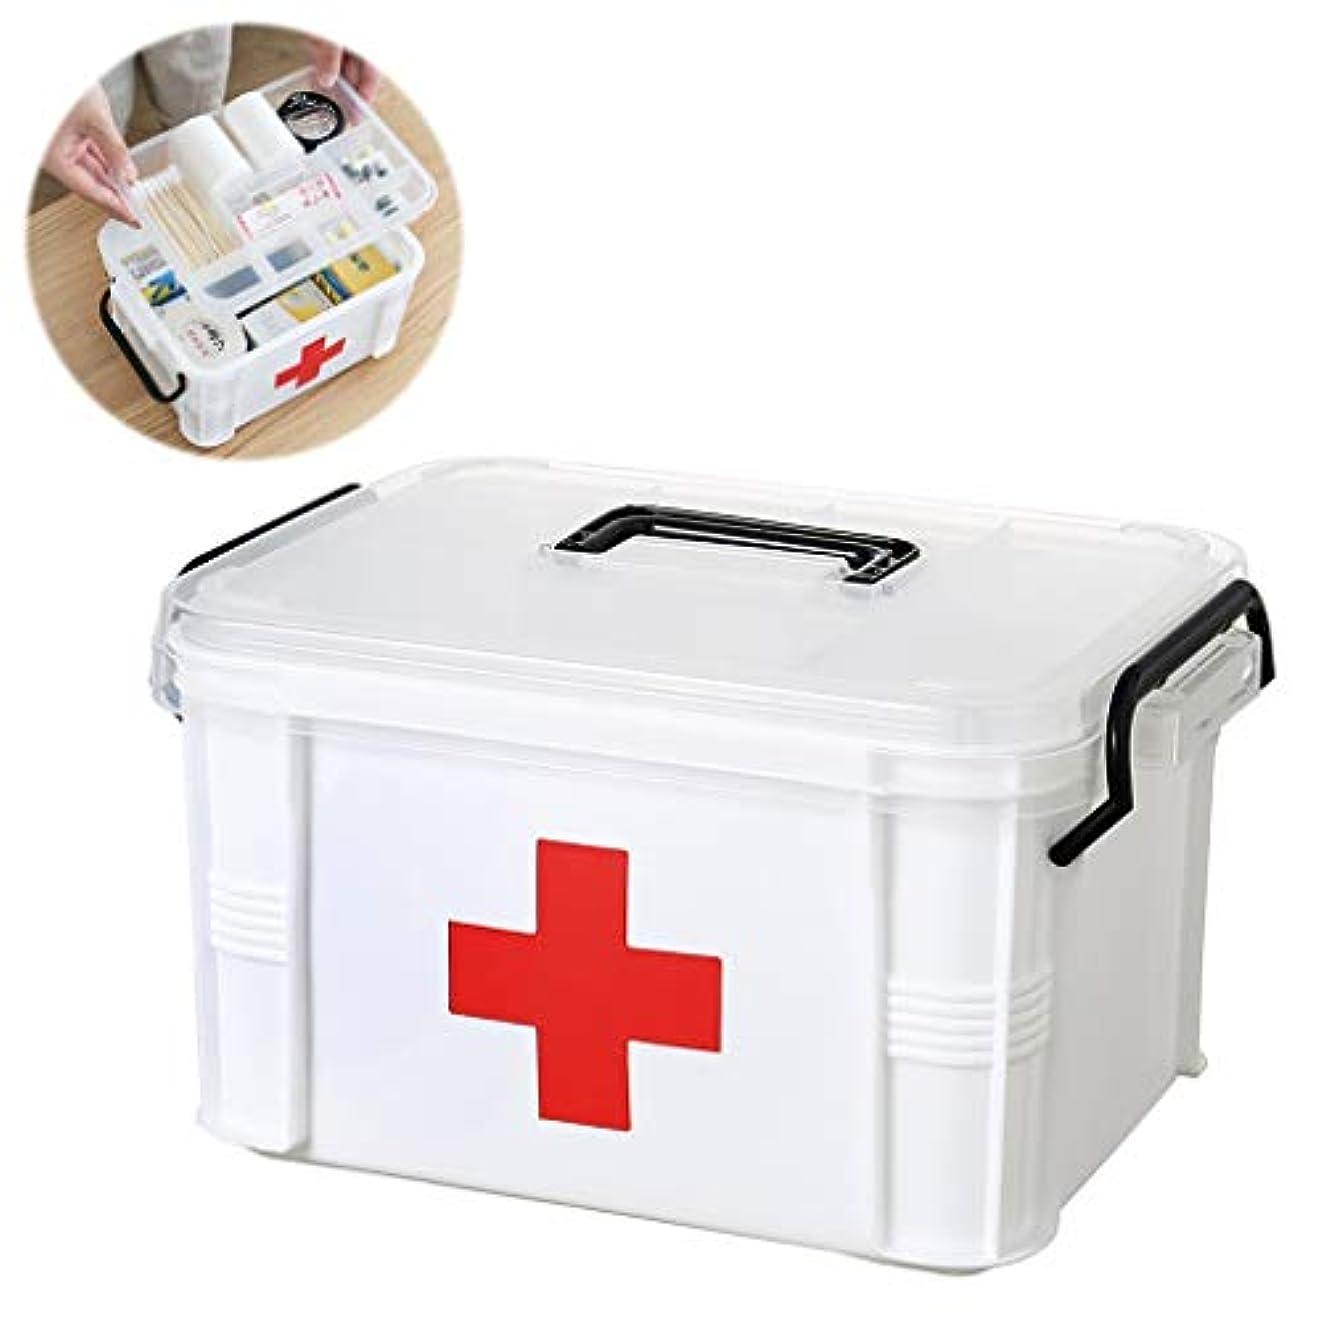 算術トーン発動機HLD 家庭医学ボックス医学ストレージボックス大規模な階層化パーティションの透明なポータブル家族小ファーストエイドキット 救急箱